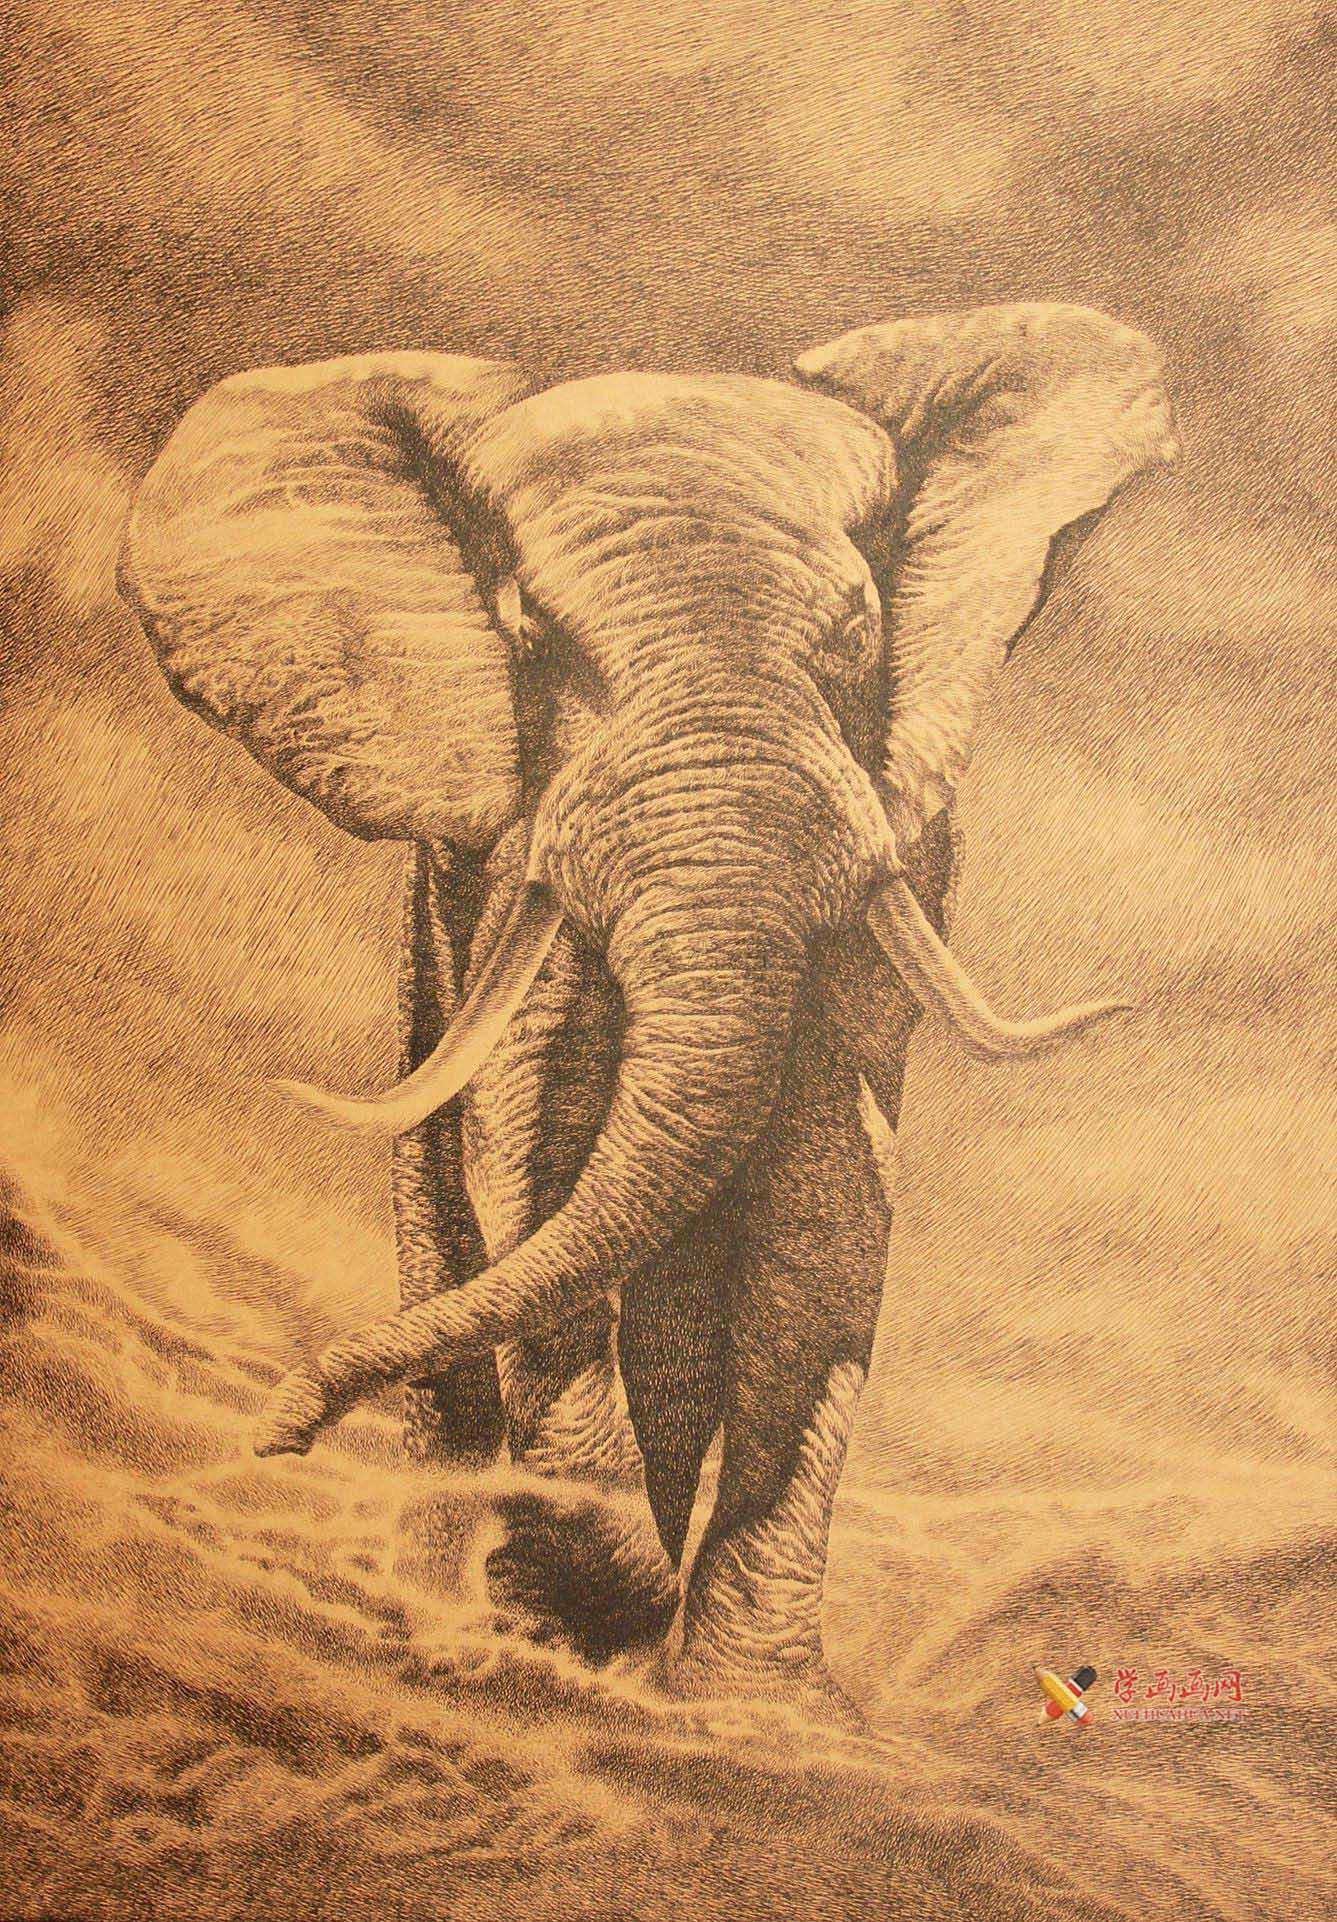 董长生钢笔画作品《吉象如意》(1)